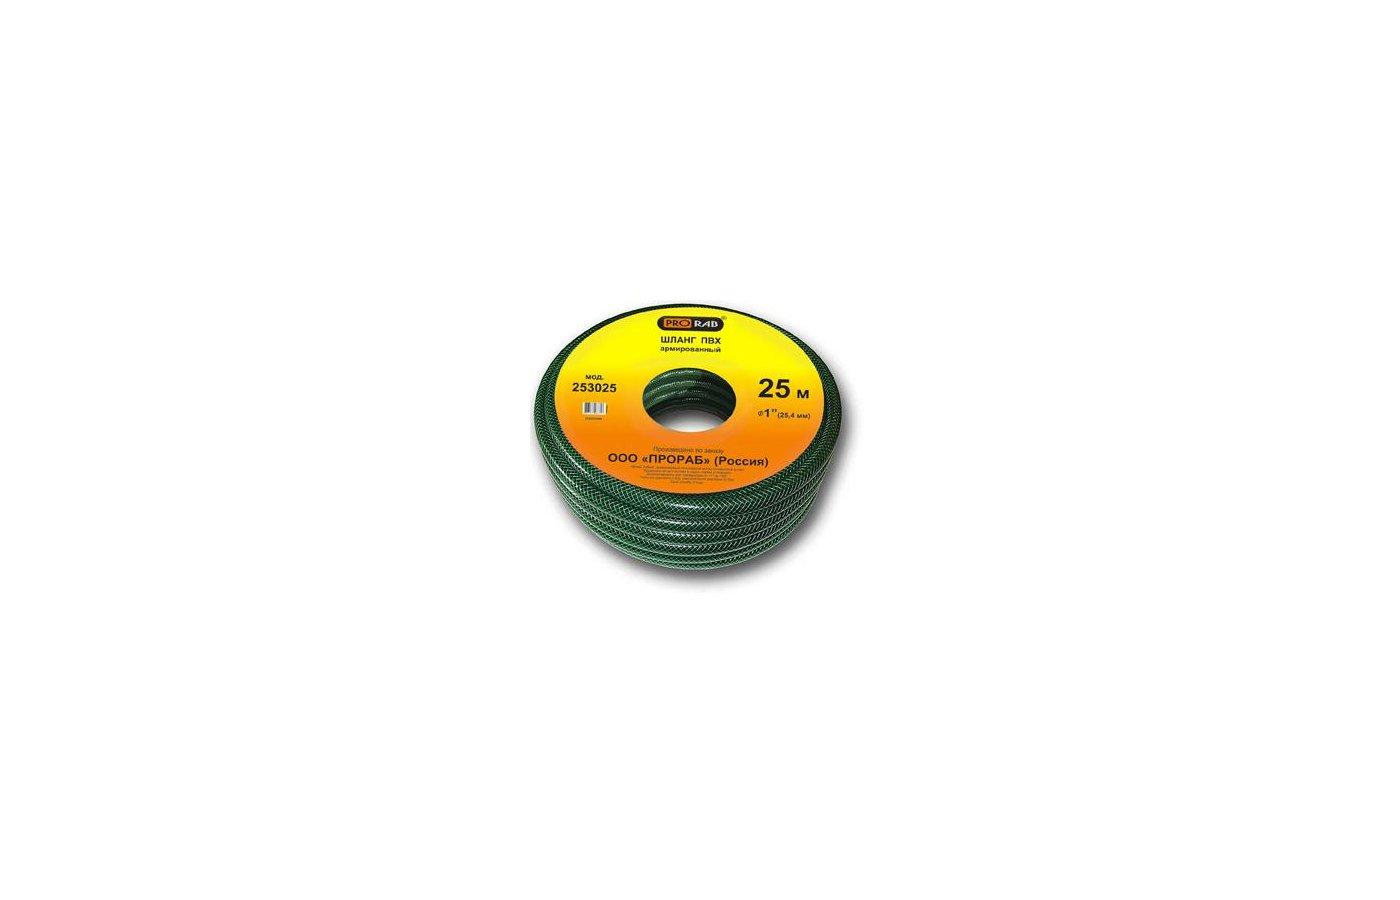 """Шланг садовый Prorab 253025   Шланг ПВХ для полива, диаметр  1"""", 25 м  Hobby"""